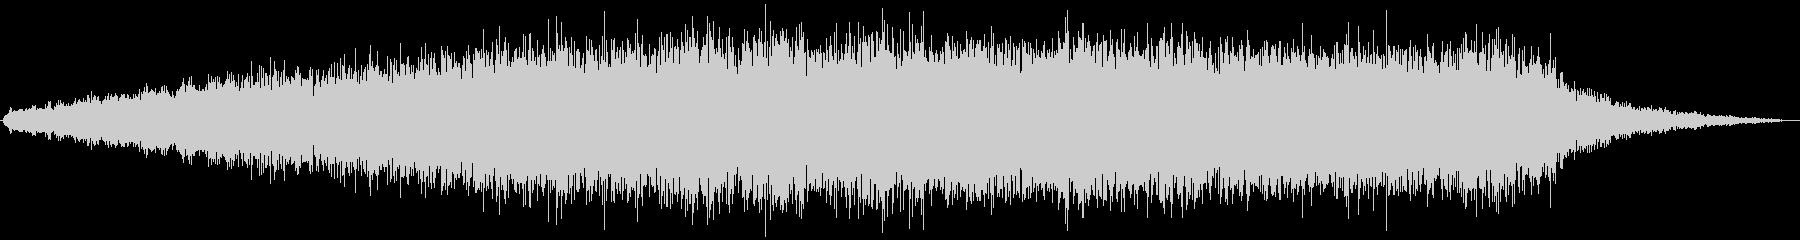 ドローン ダークパッション01の未再生の波形